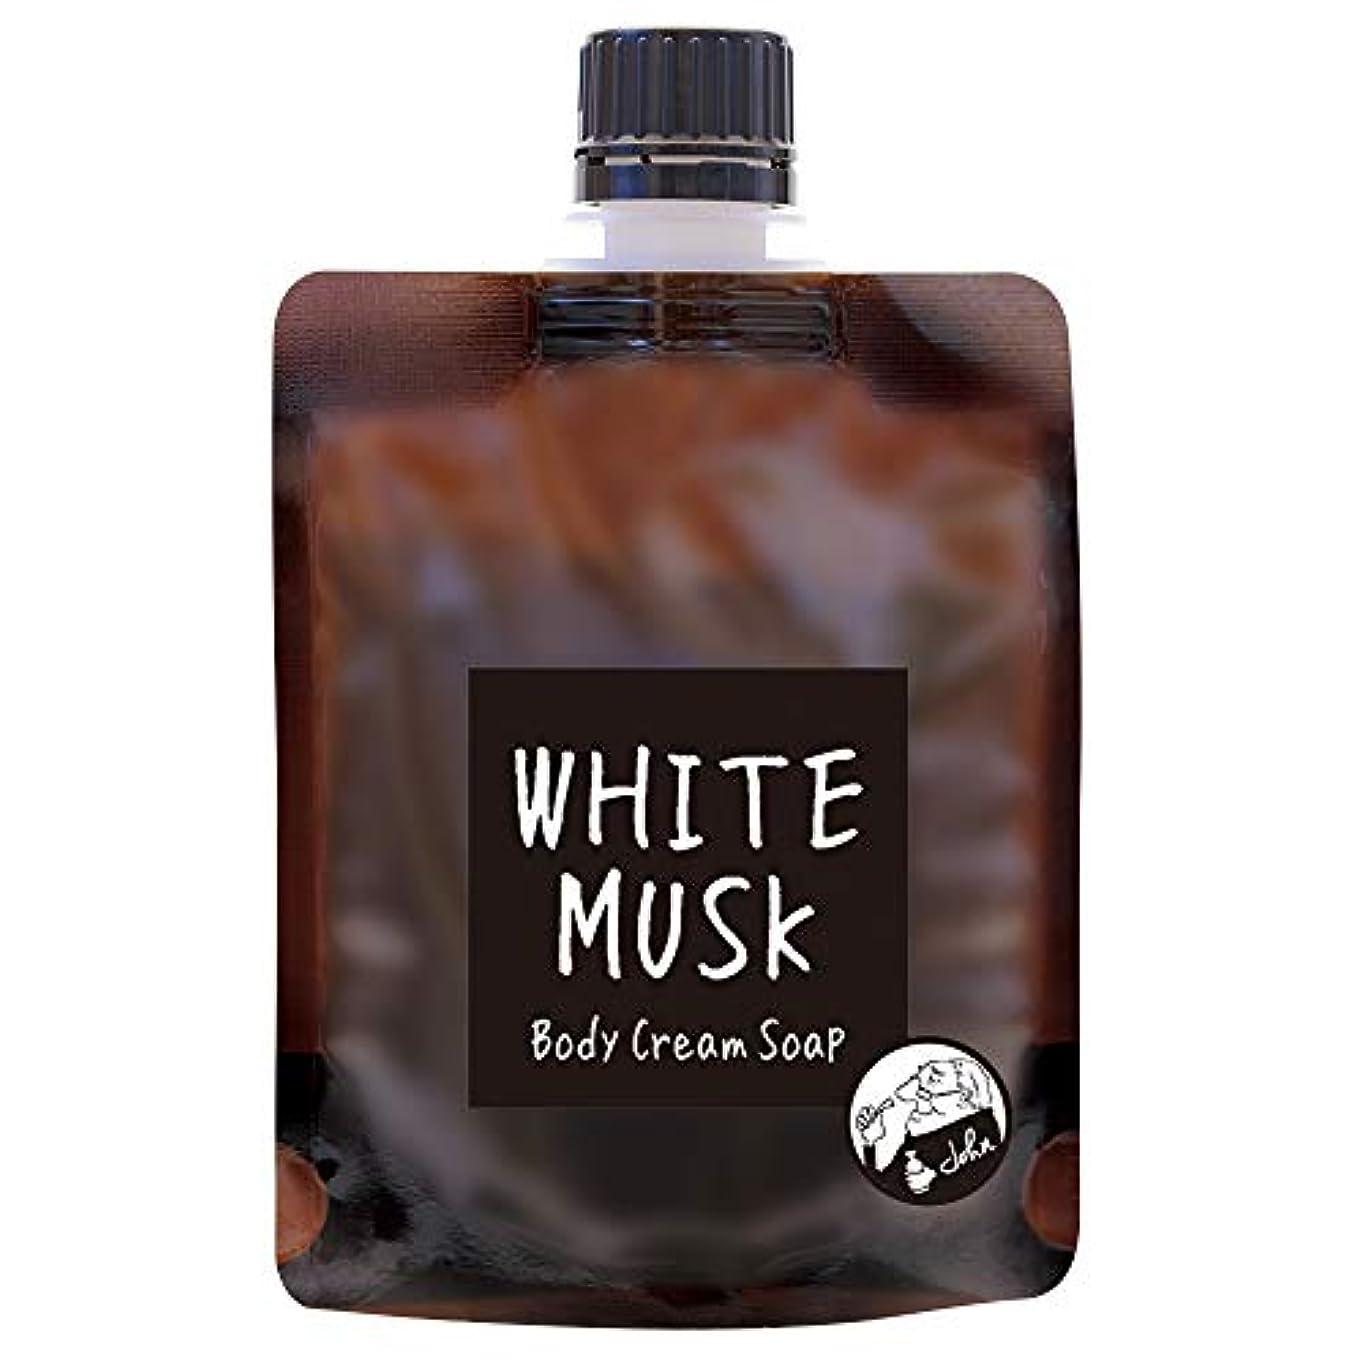 批判的に許可スポーツマンノルコーポレーション John's Blend ボディクリームソープ 保湿成分配合 OA-JON-19-1 ボディソープ ホワイトムスクの香り 100g